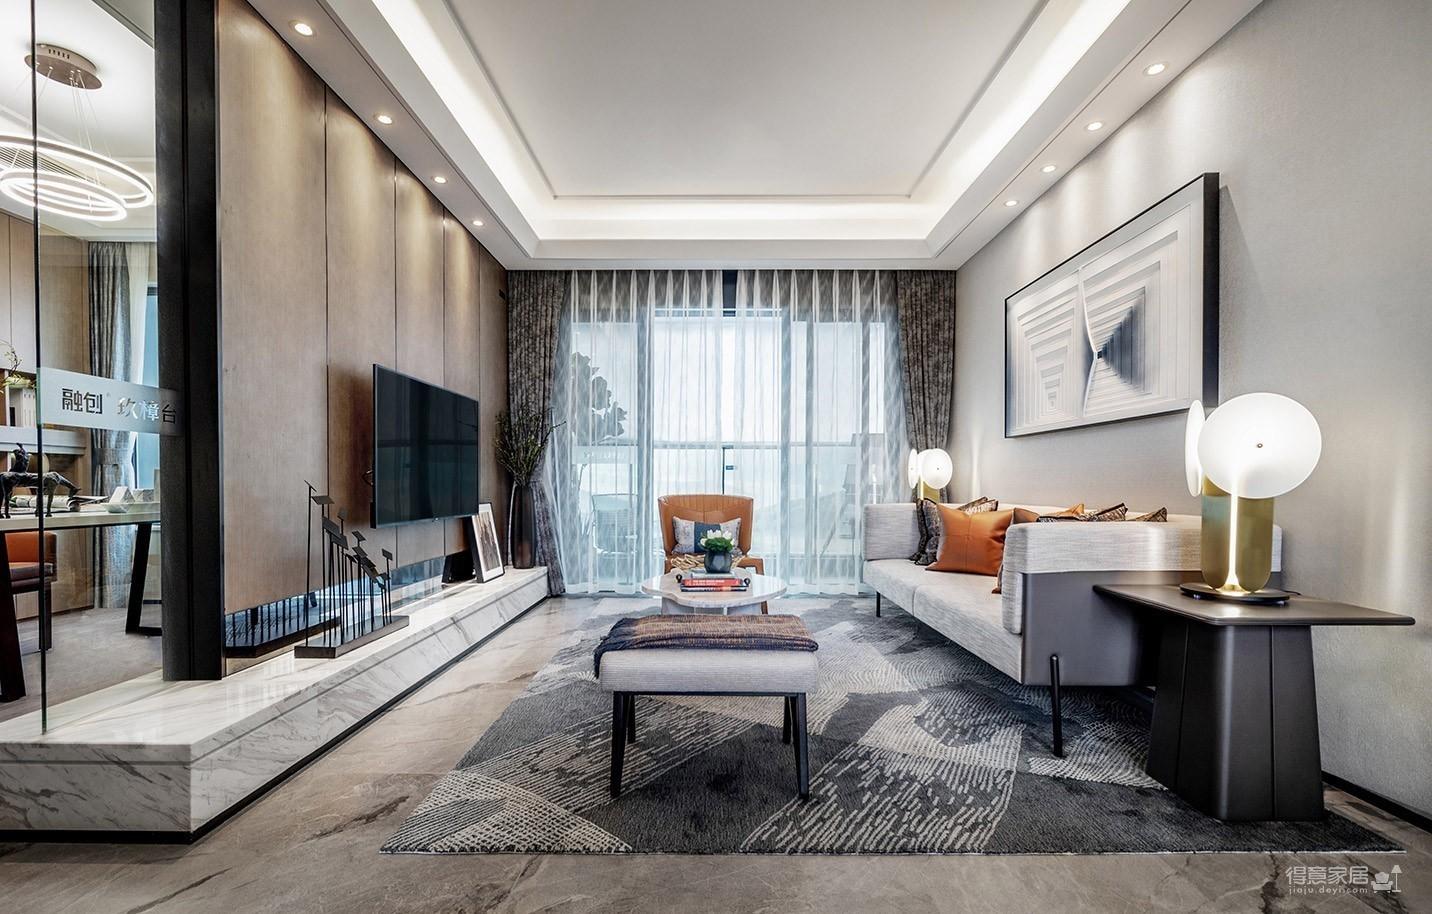 100㎡现代风家庭公寓图_1